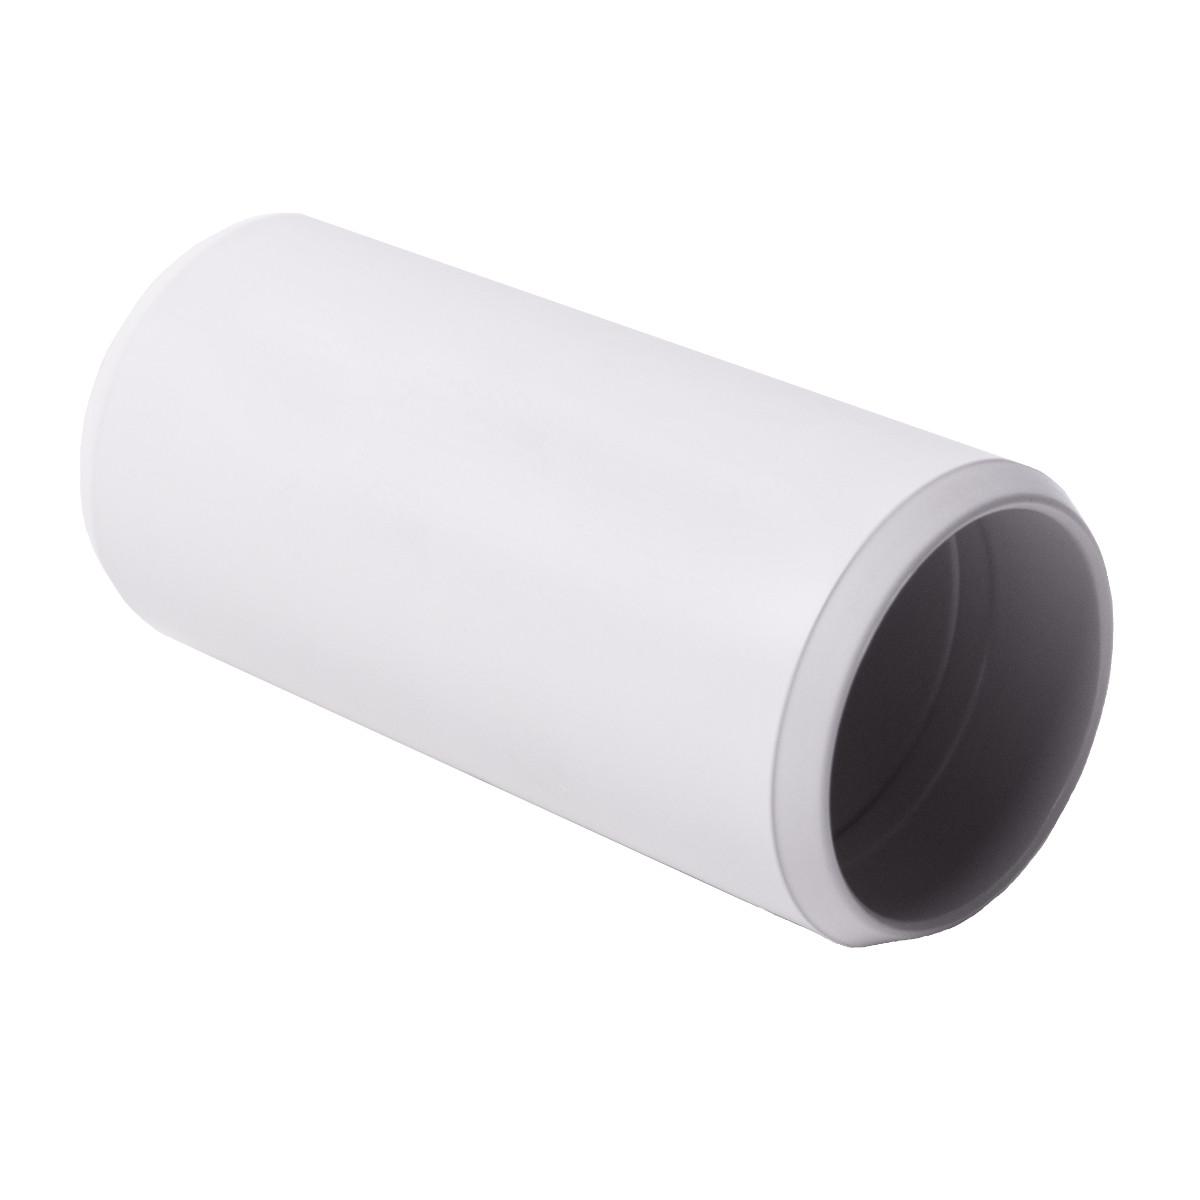 Муфта з'єднувальна для труби 25 мм ; Ø25мм; полікарбонат; безгалогенна; t застосування -45-90 °с; світло-сіра; Упаковка 10 шт